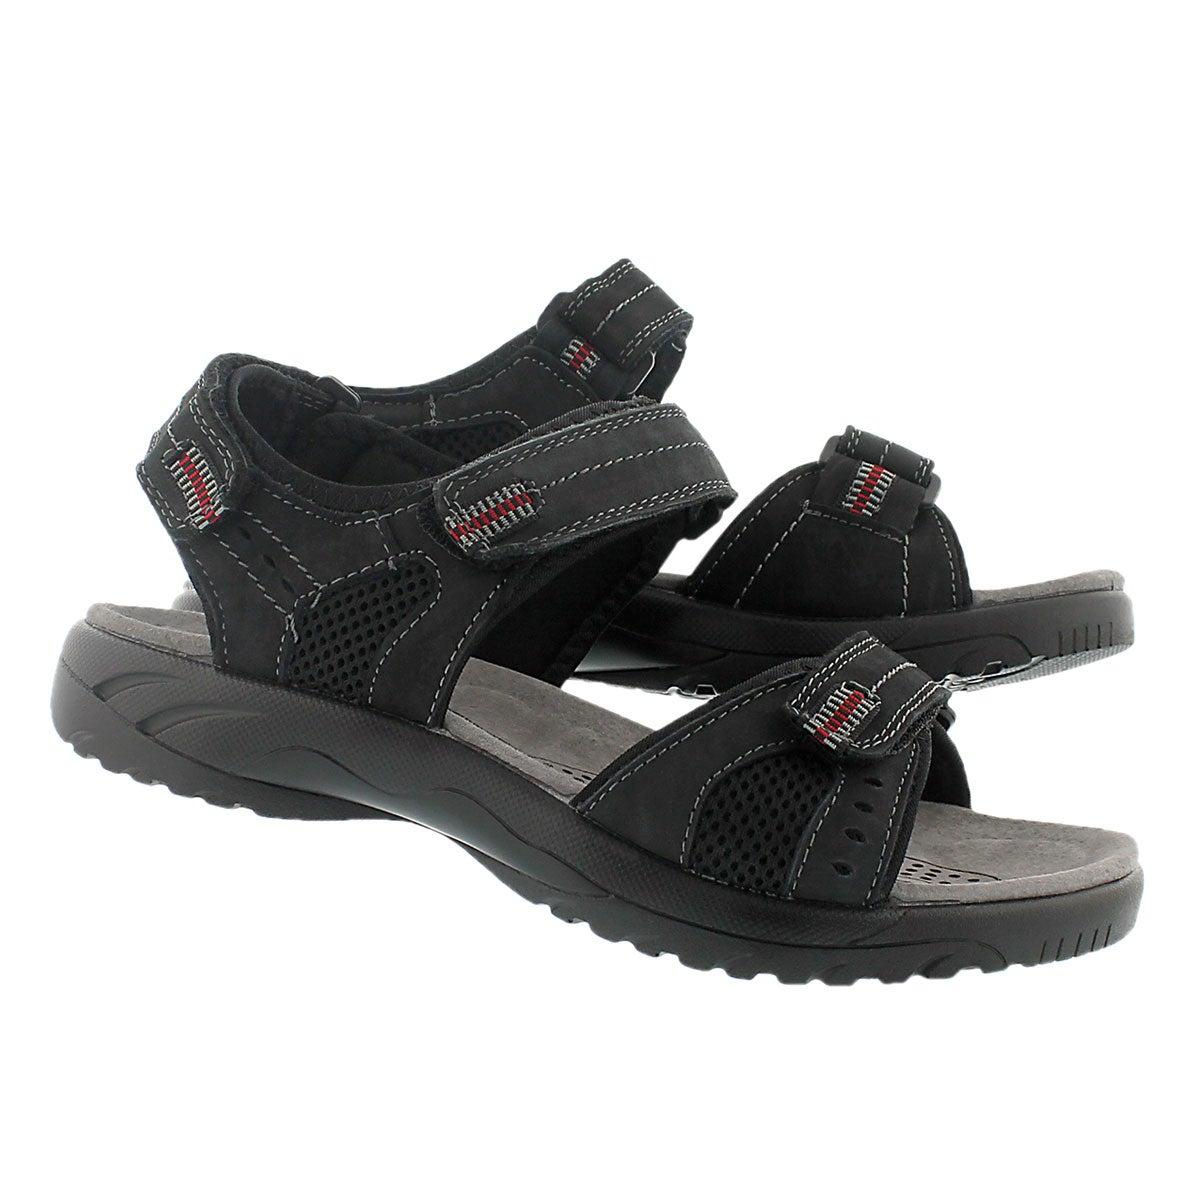 Sandale sport Kurt, noir, hommes